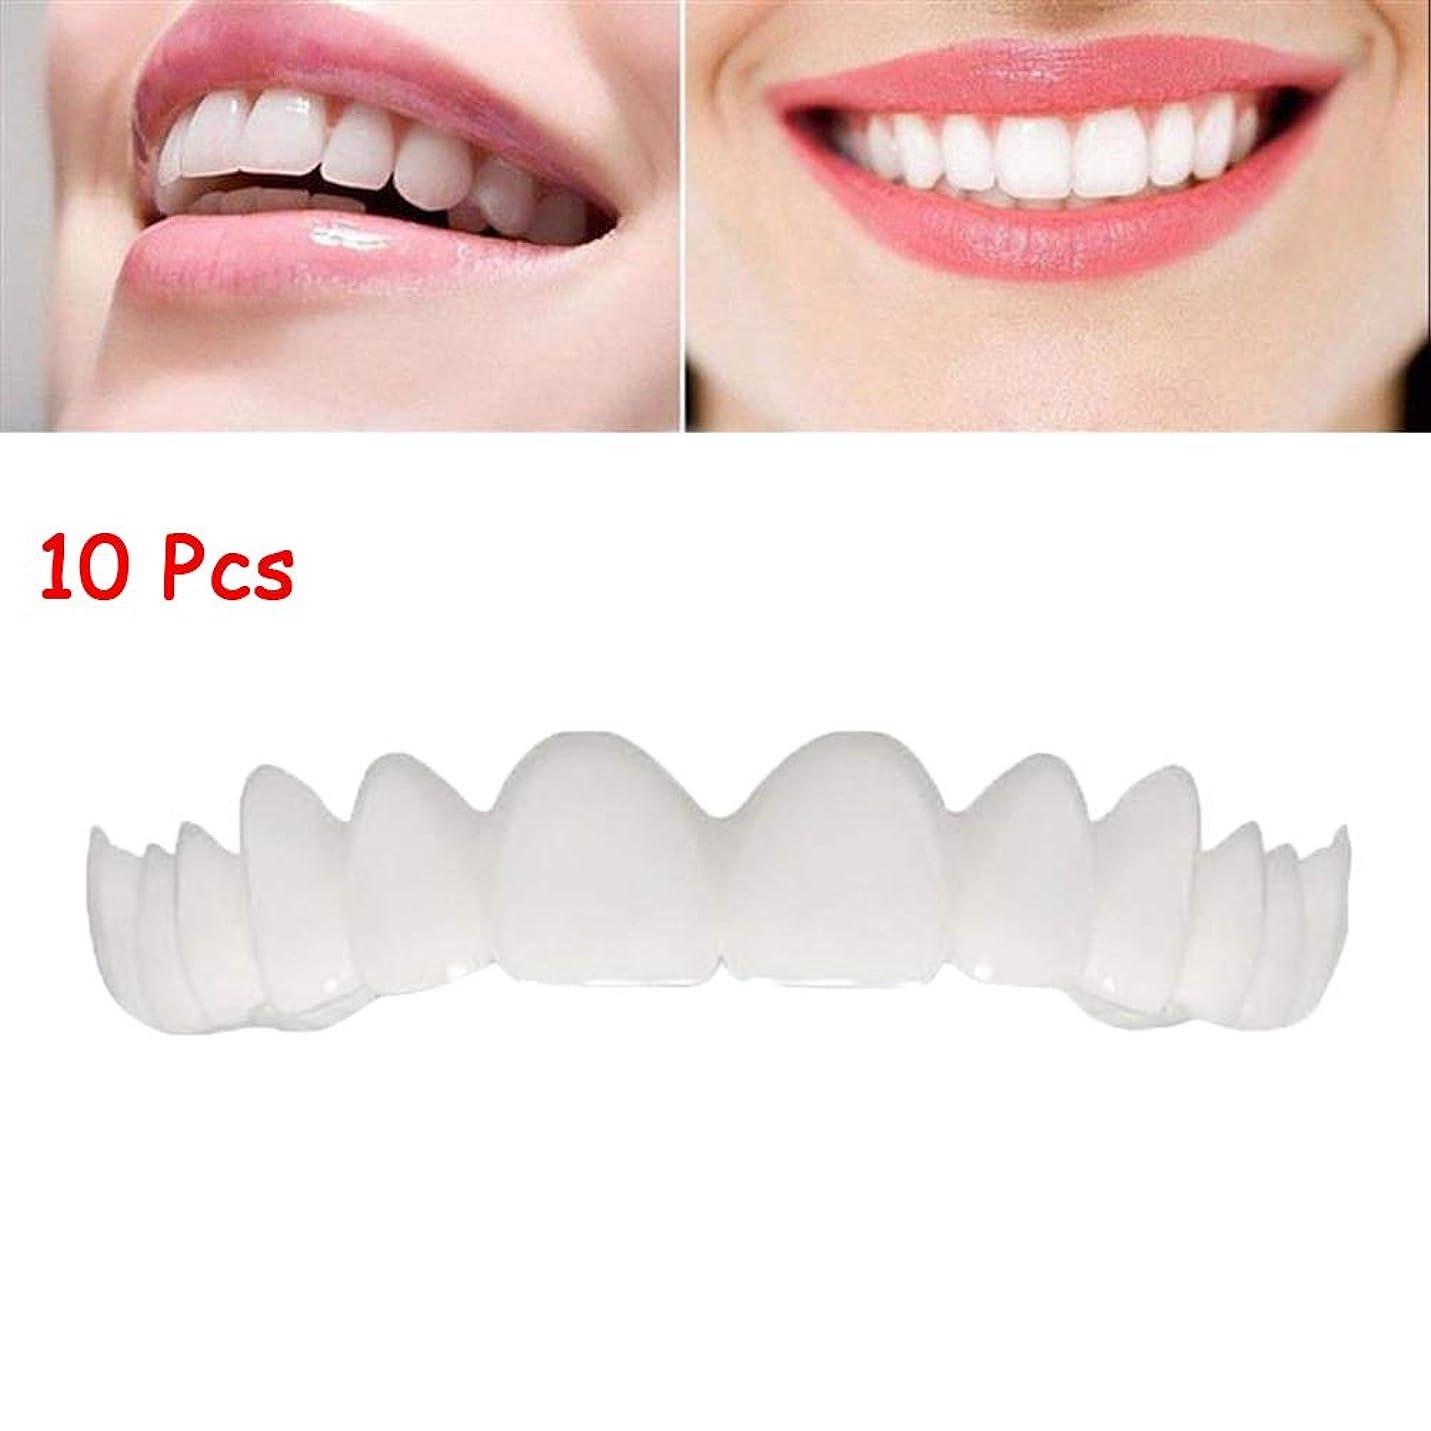 他の場所やけどハンバーガー10個の一時的な化粧品の歯の義歯は歯を白くするブレースを模擬